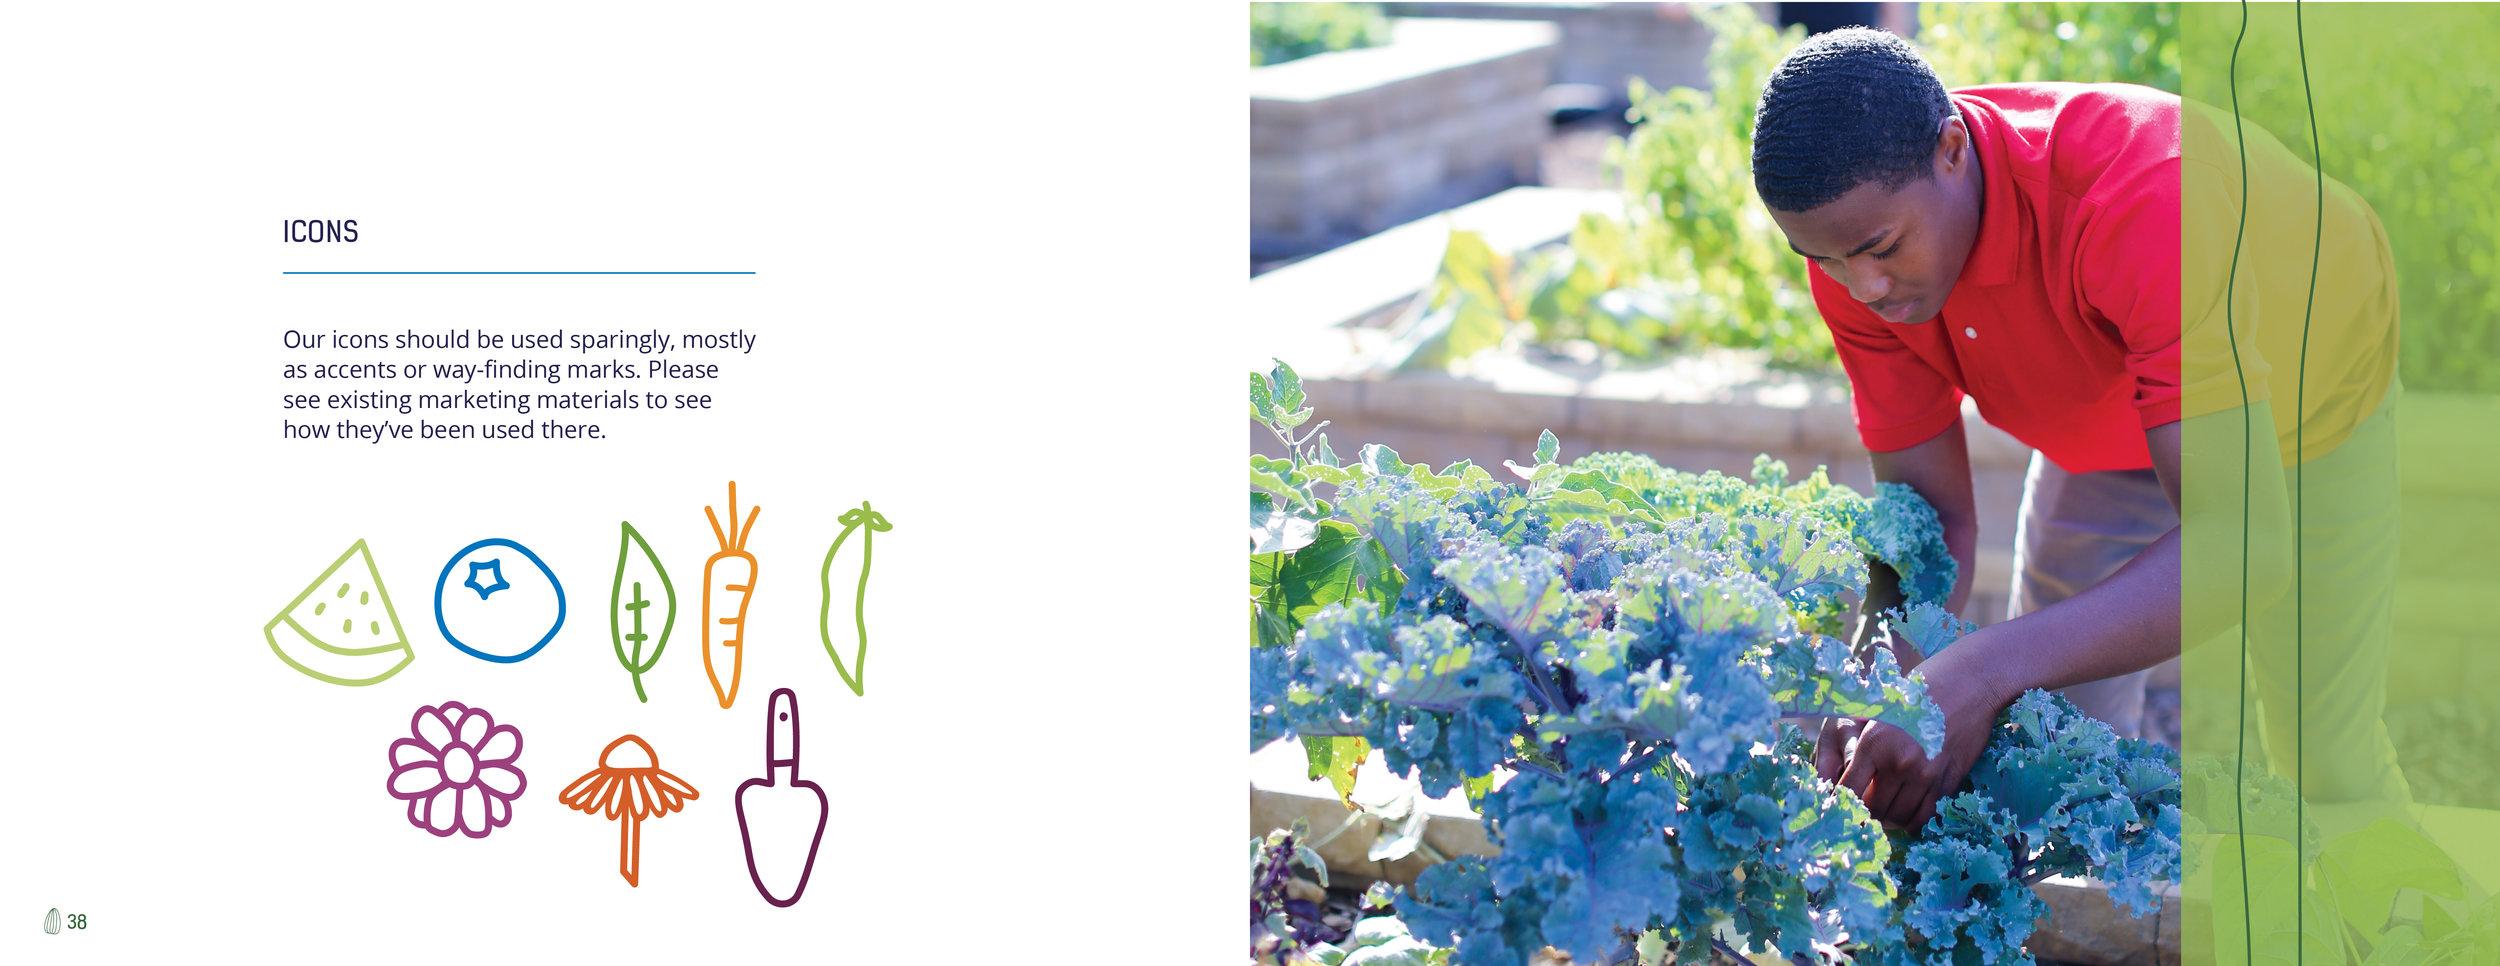 Gardeneers_BrandGuidelines8.jpg